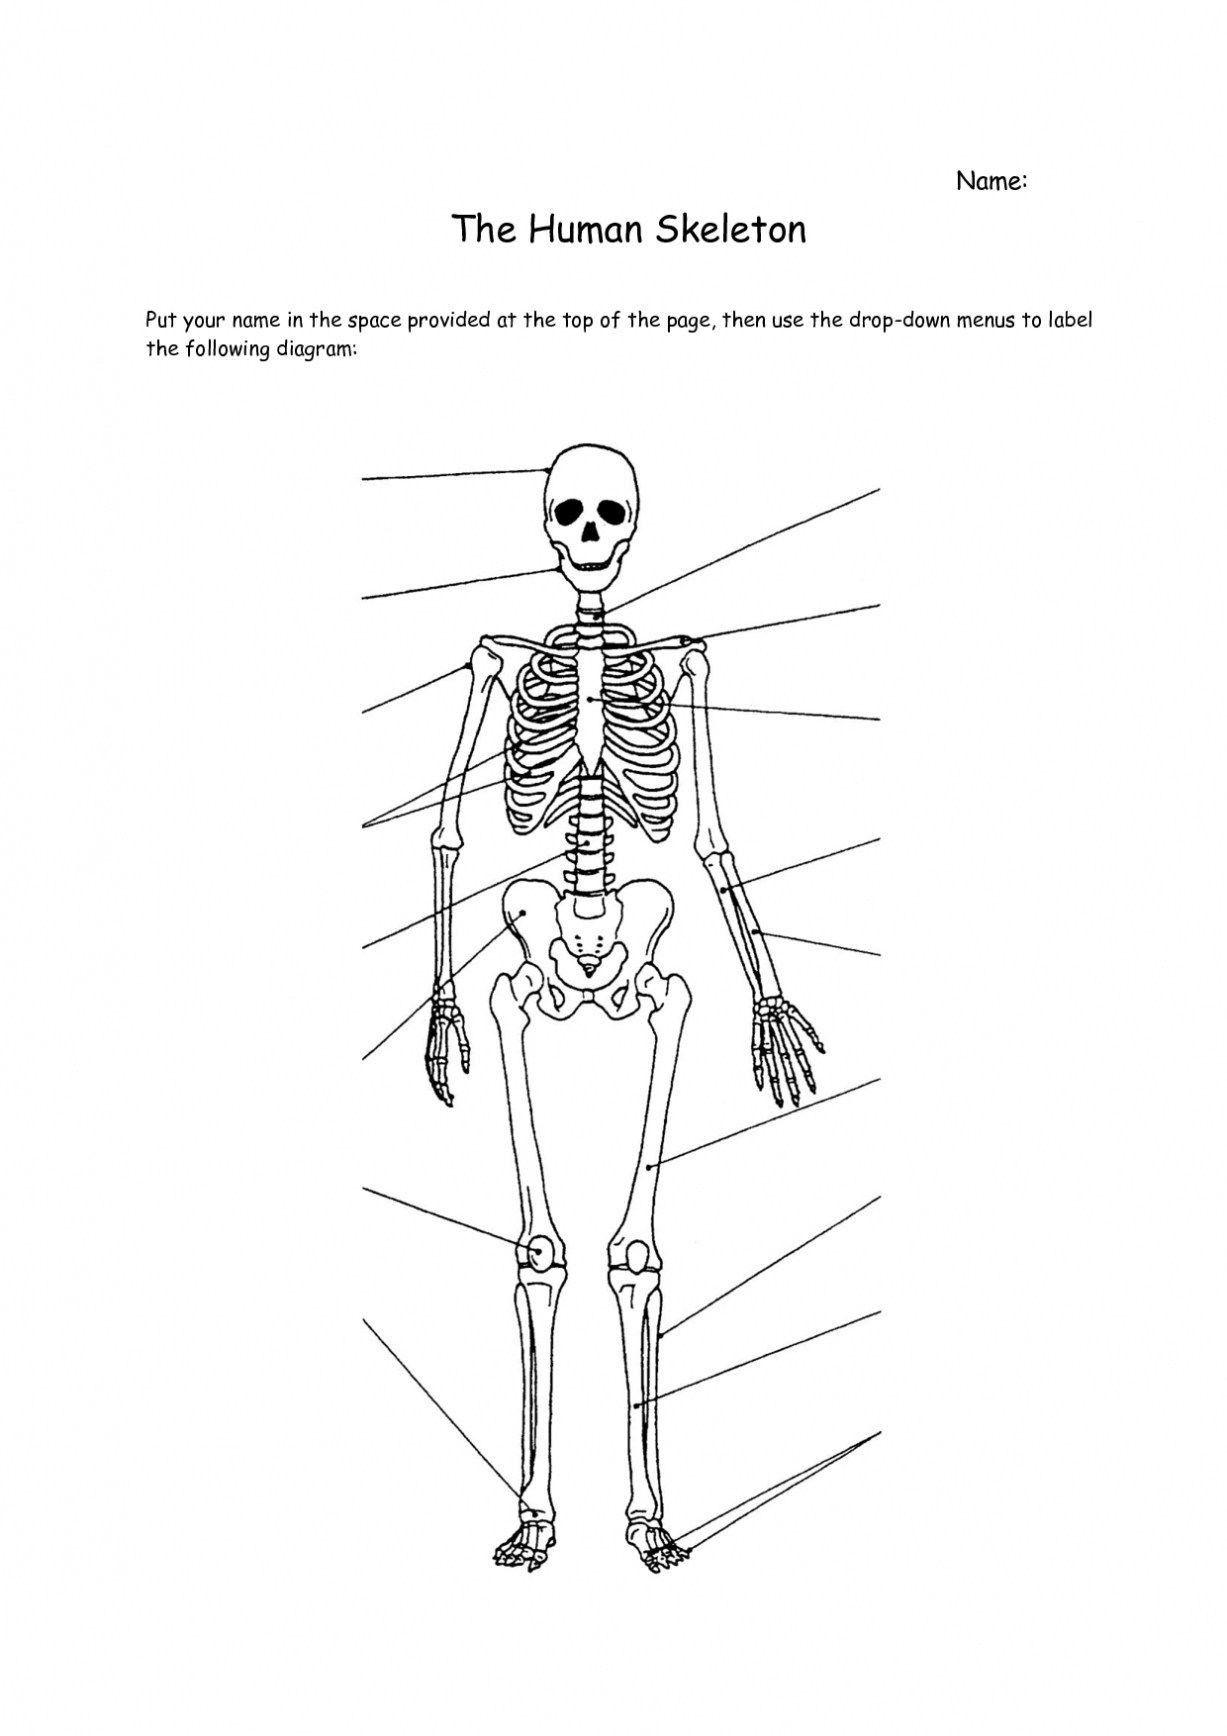 6 Skeletal System Worksheet In 2020 Skeletal System Worksheet Skeletal System Human Body Anatomy